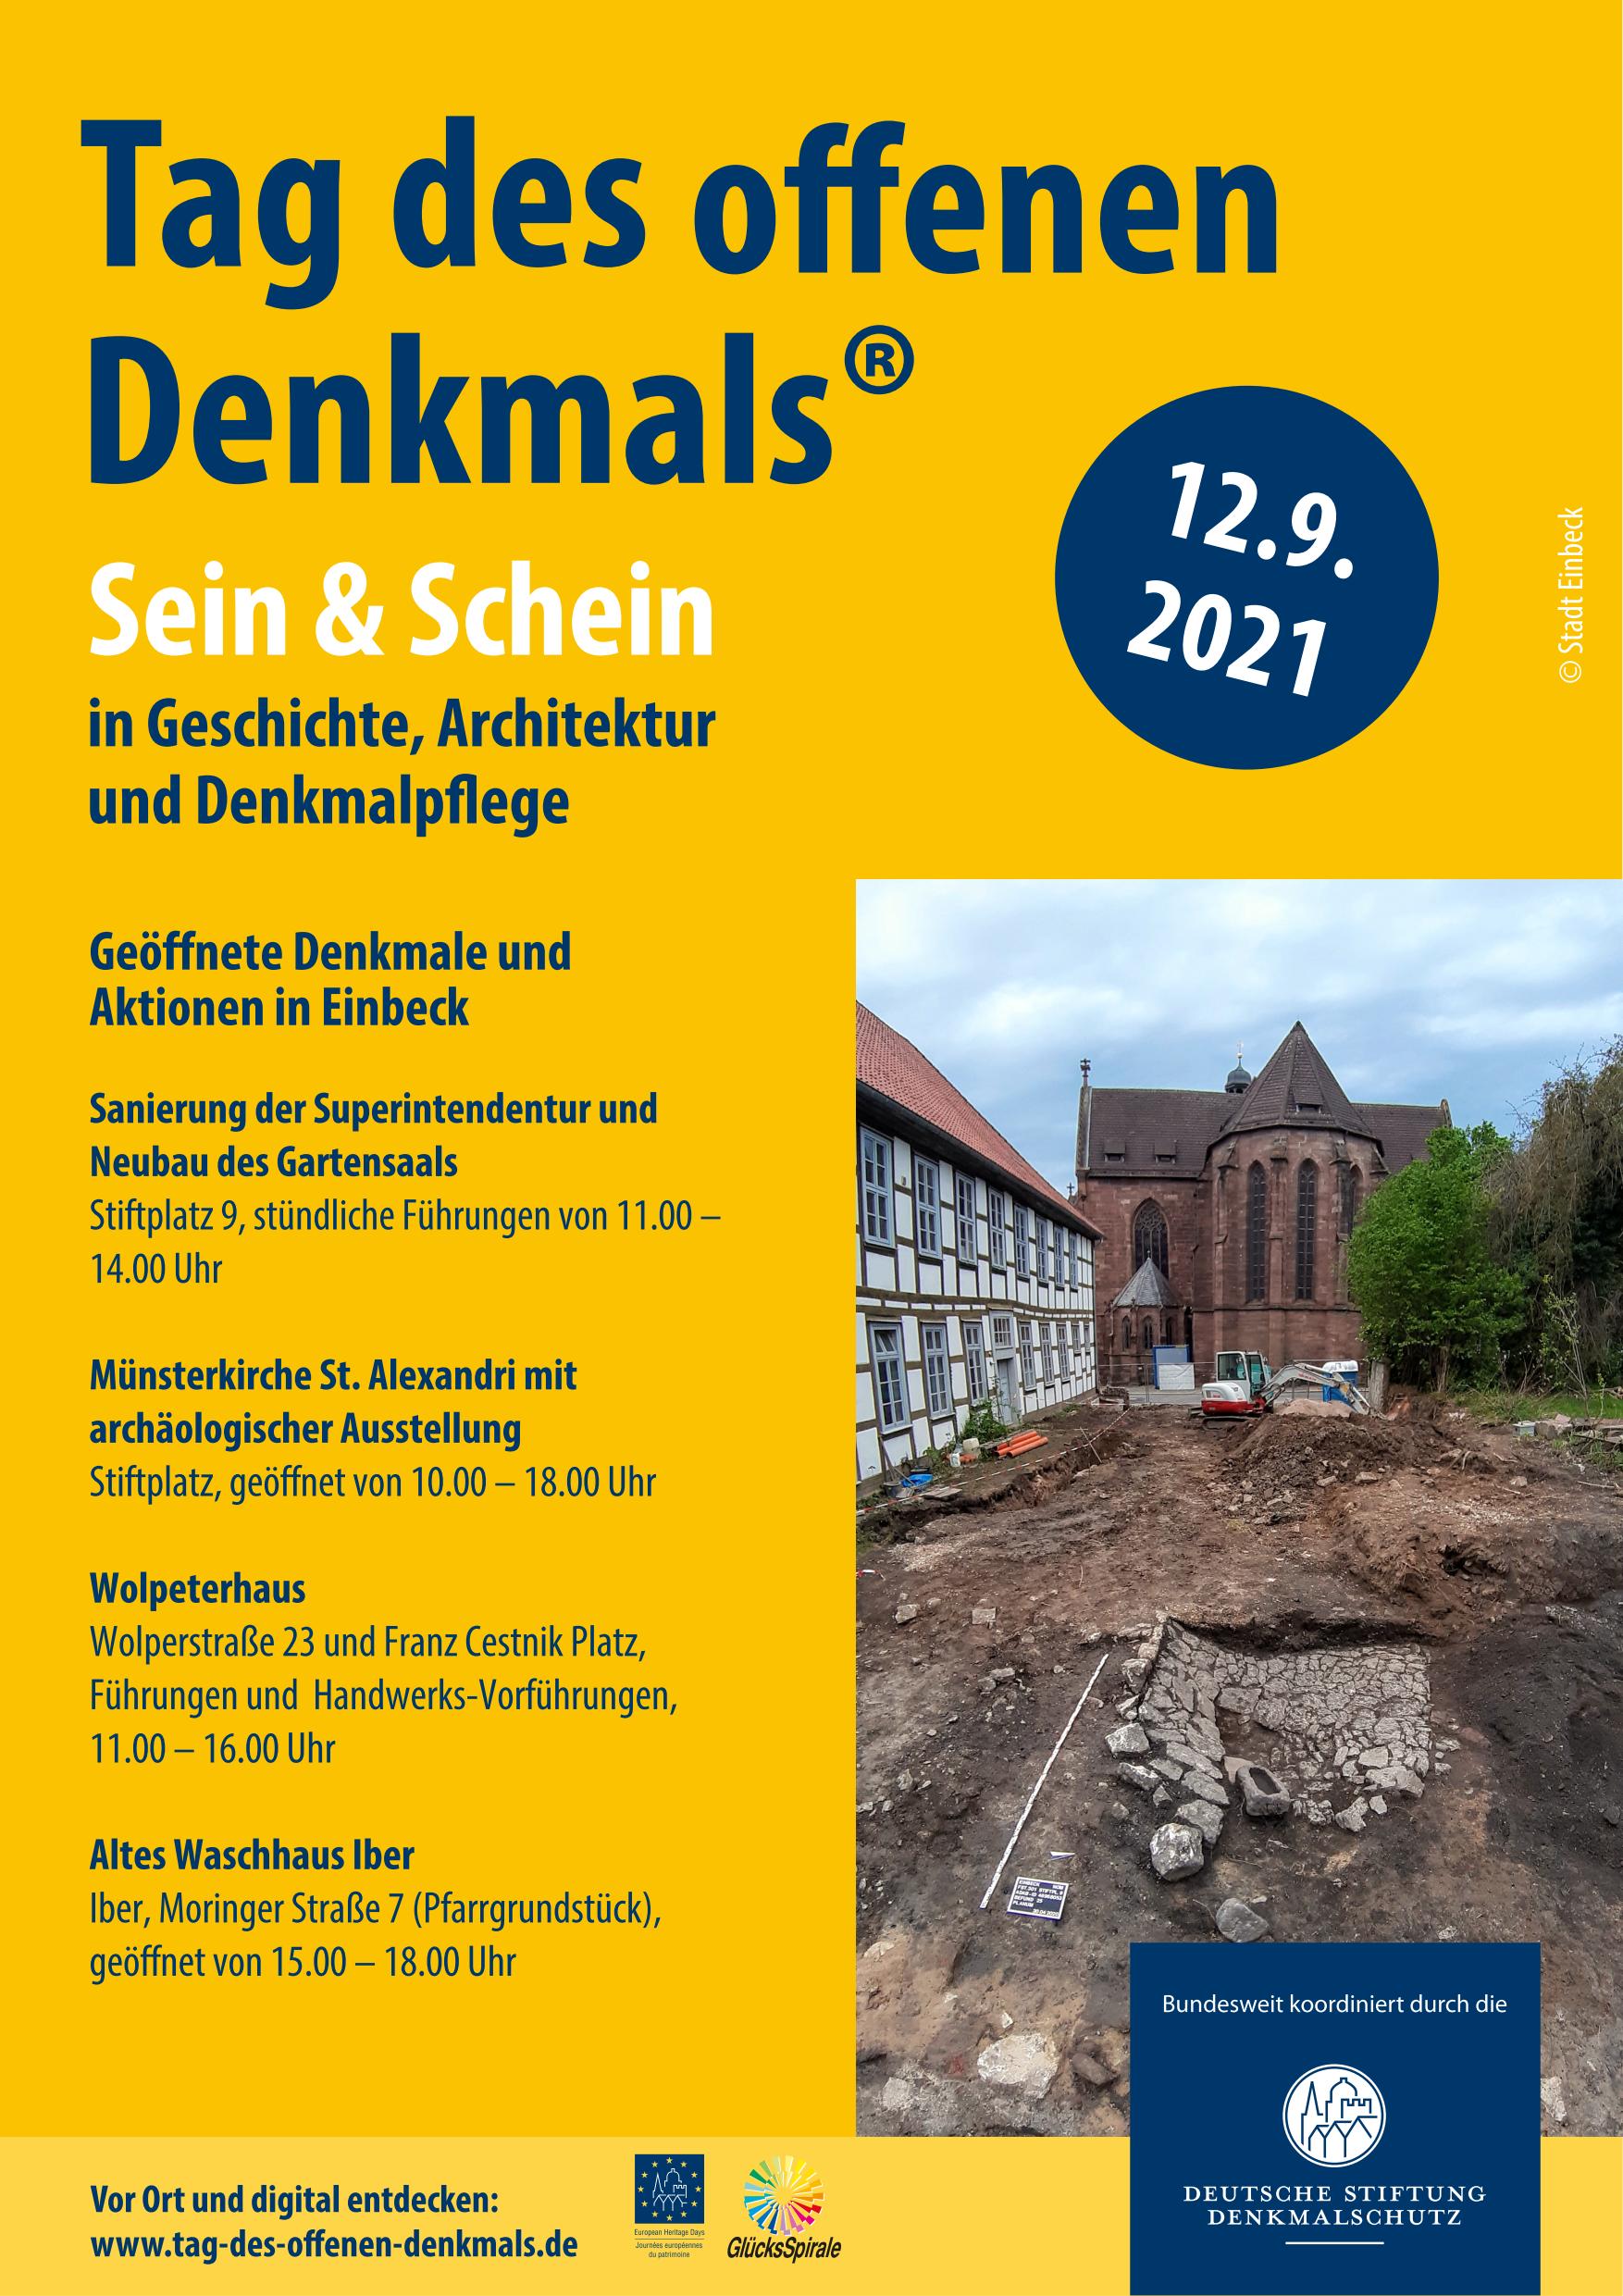 Einbeck - Stiftplatz 9 - Ausgrabung und Sanierung